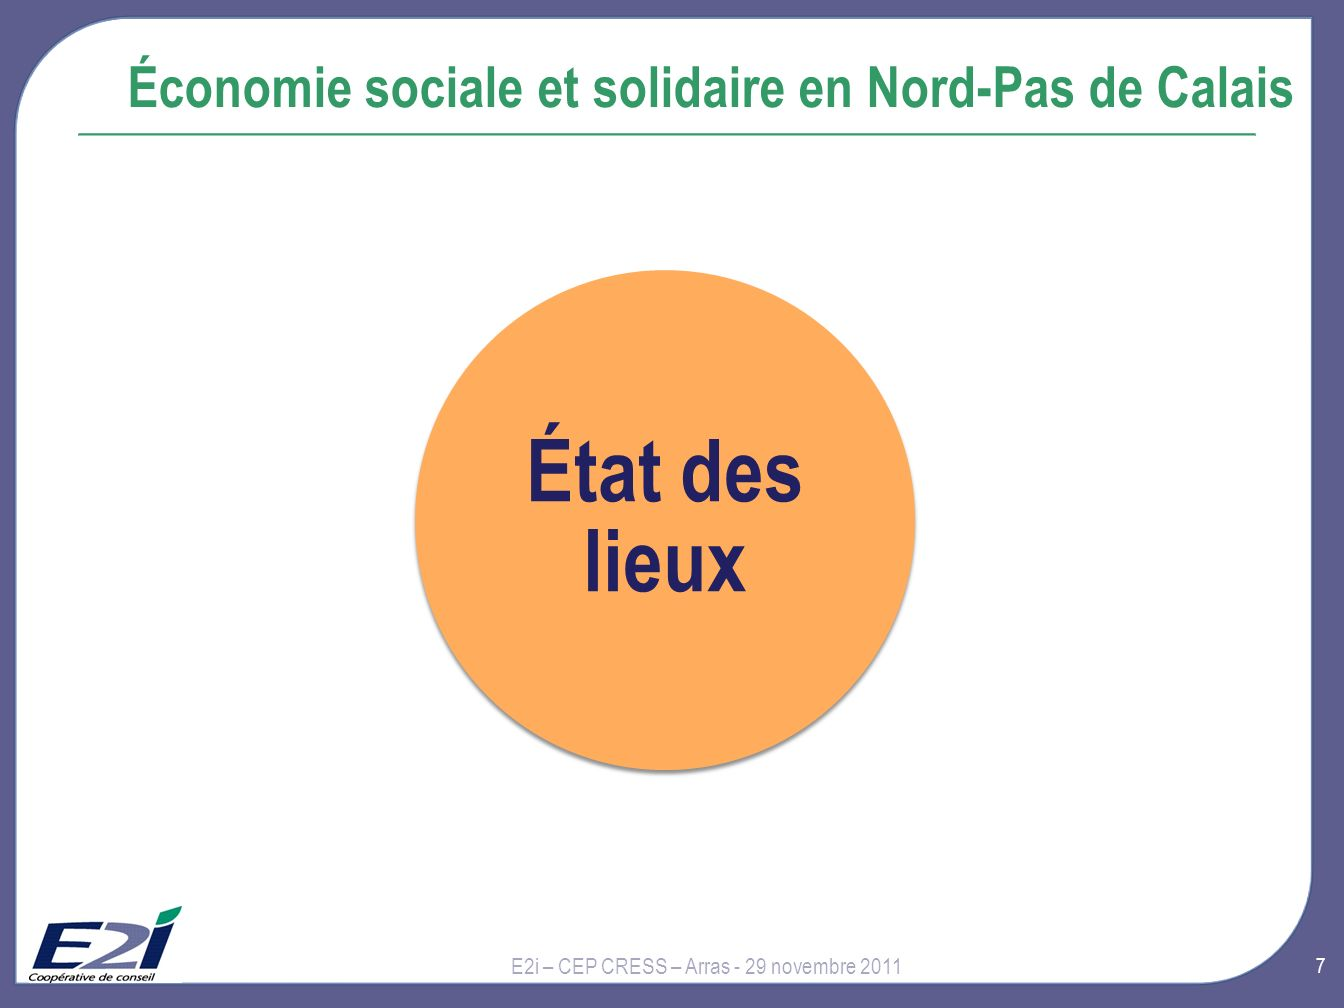 8 Économie sociale et solidaire en Nord-Pas de Calais 1/6 E2i – CEP CRESS – Arras - 29 novembre 2011 10 000 établissements 9,2 % des employeurs régionaux 143 000 salariés 11 % des emplois (moyenne nationale : 9,9 %) INSEE – CLAP 2008